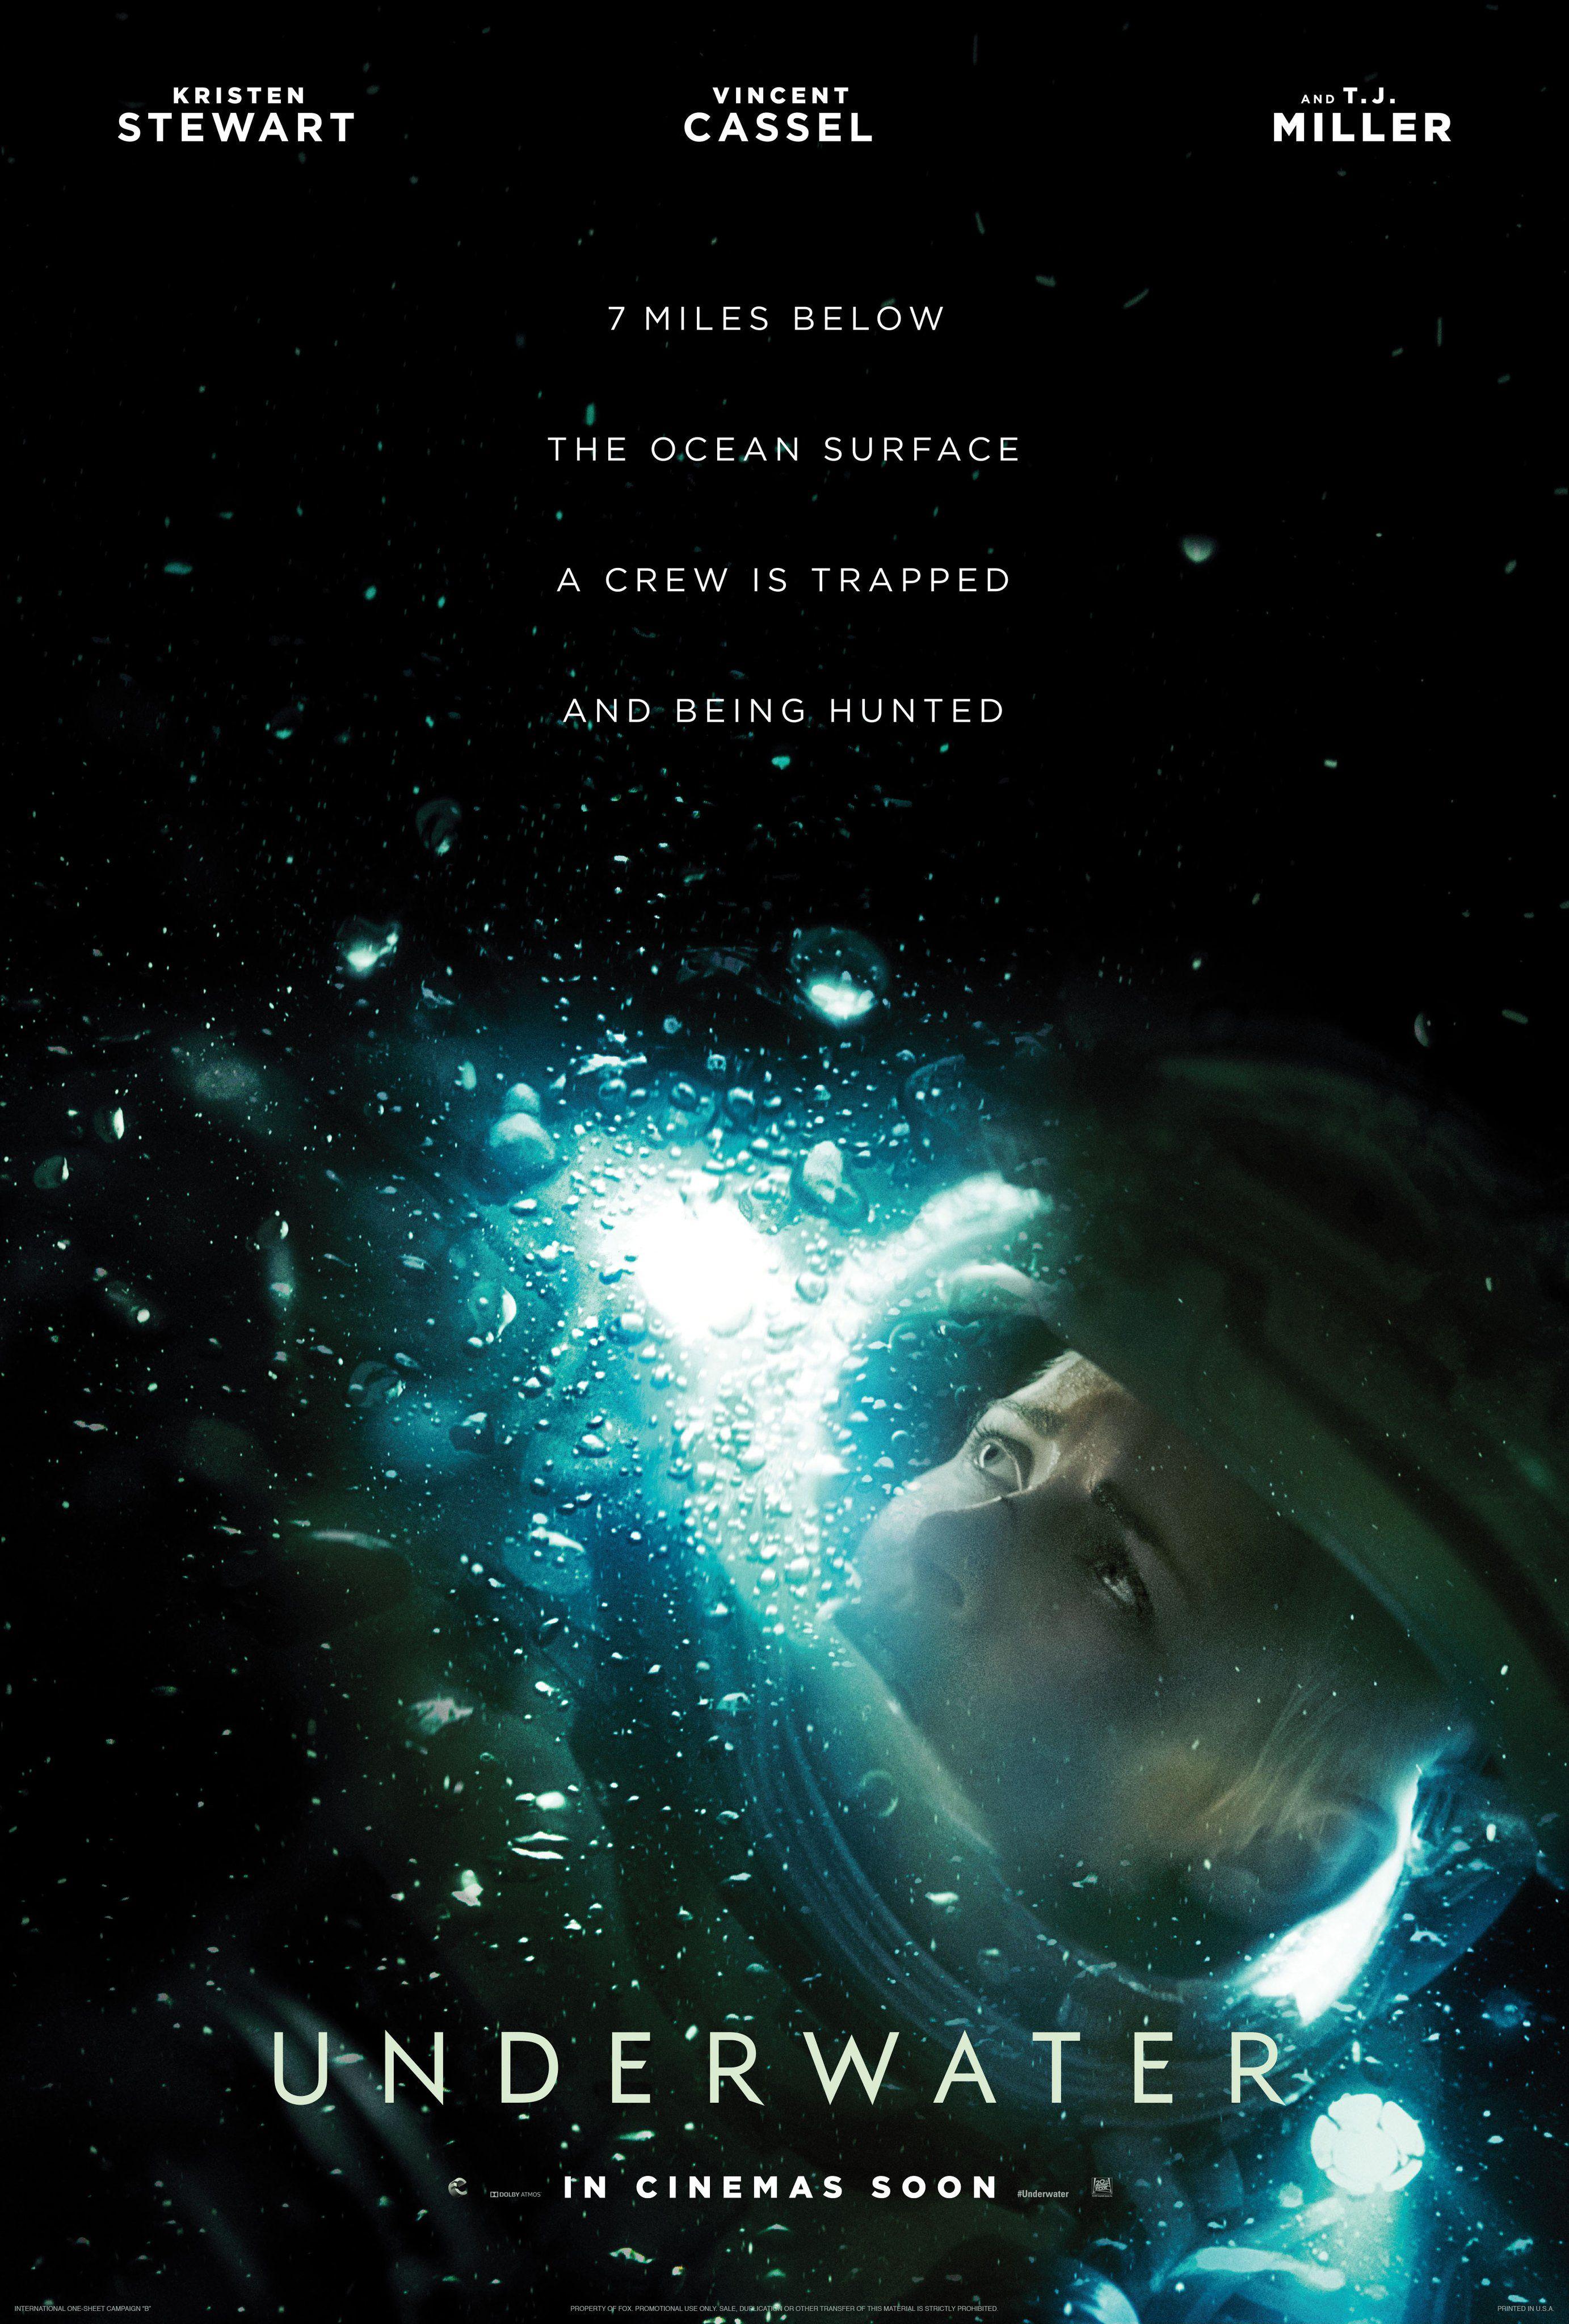 Underwater (2020) | International Poster | Kristen Stewart Vincent ...